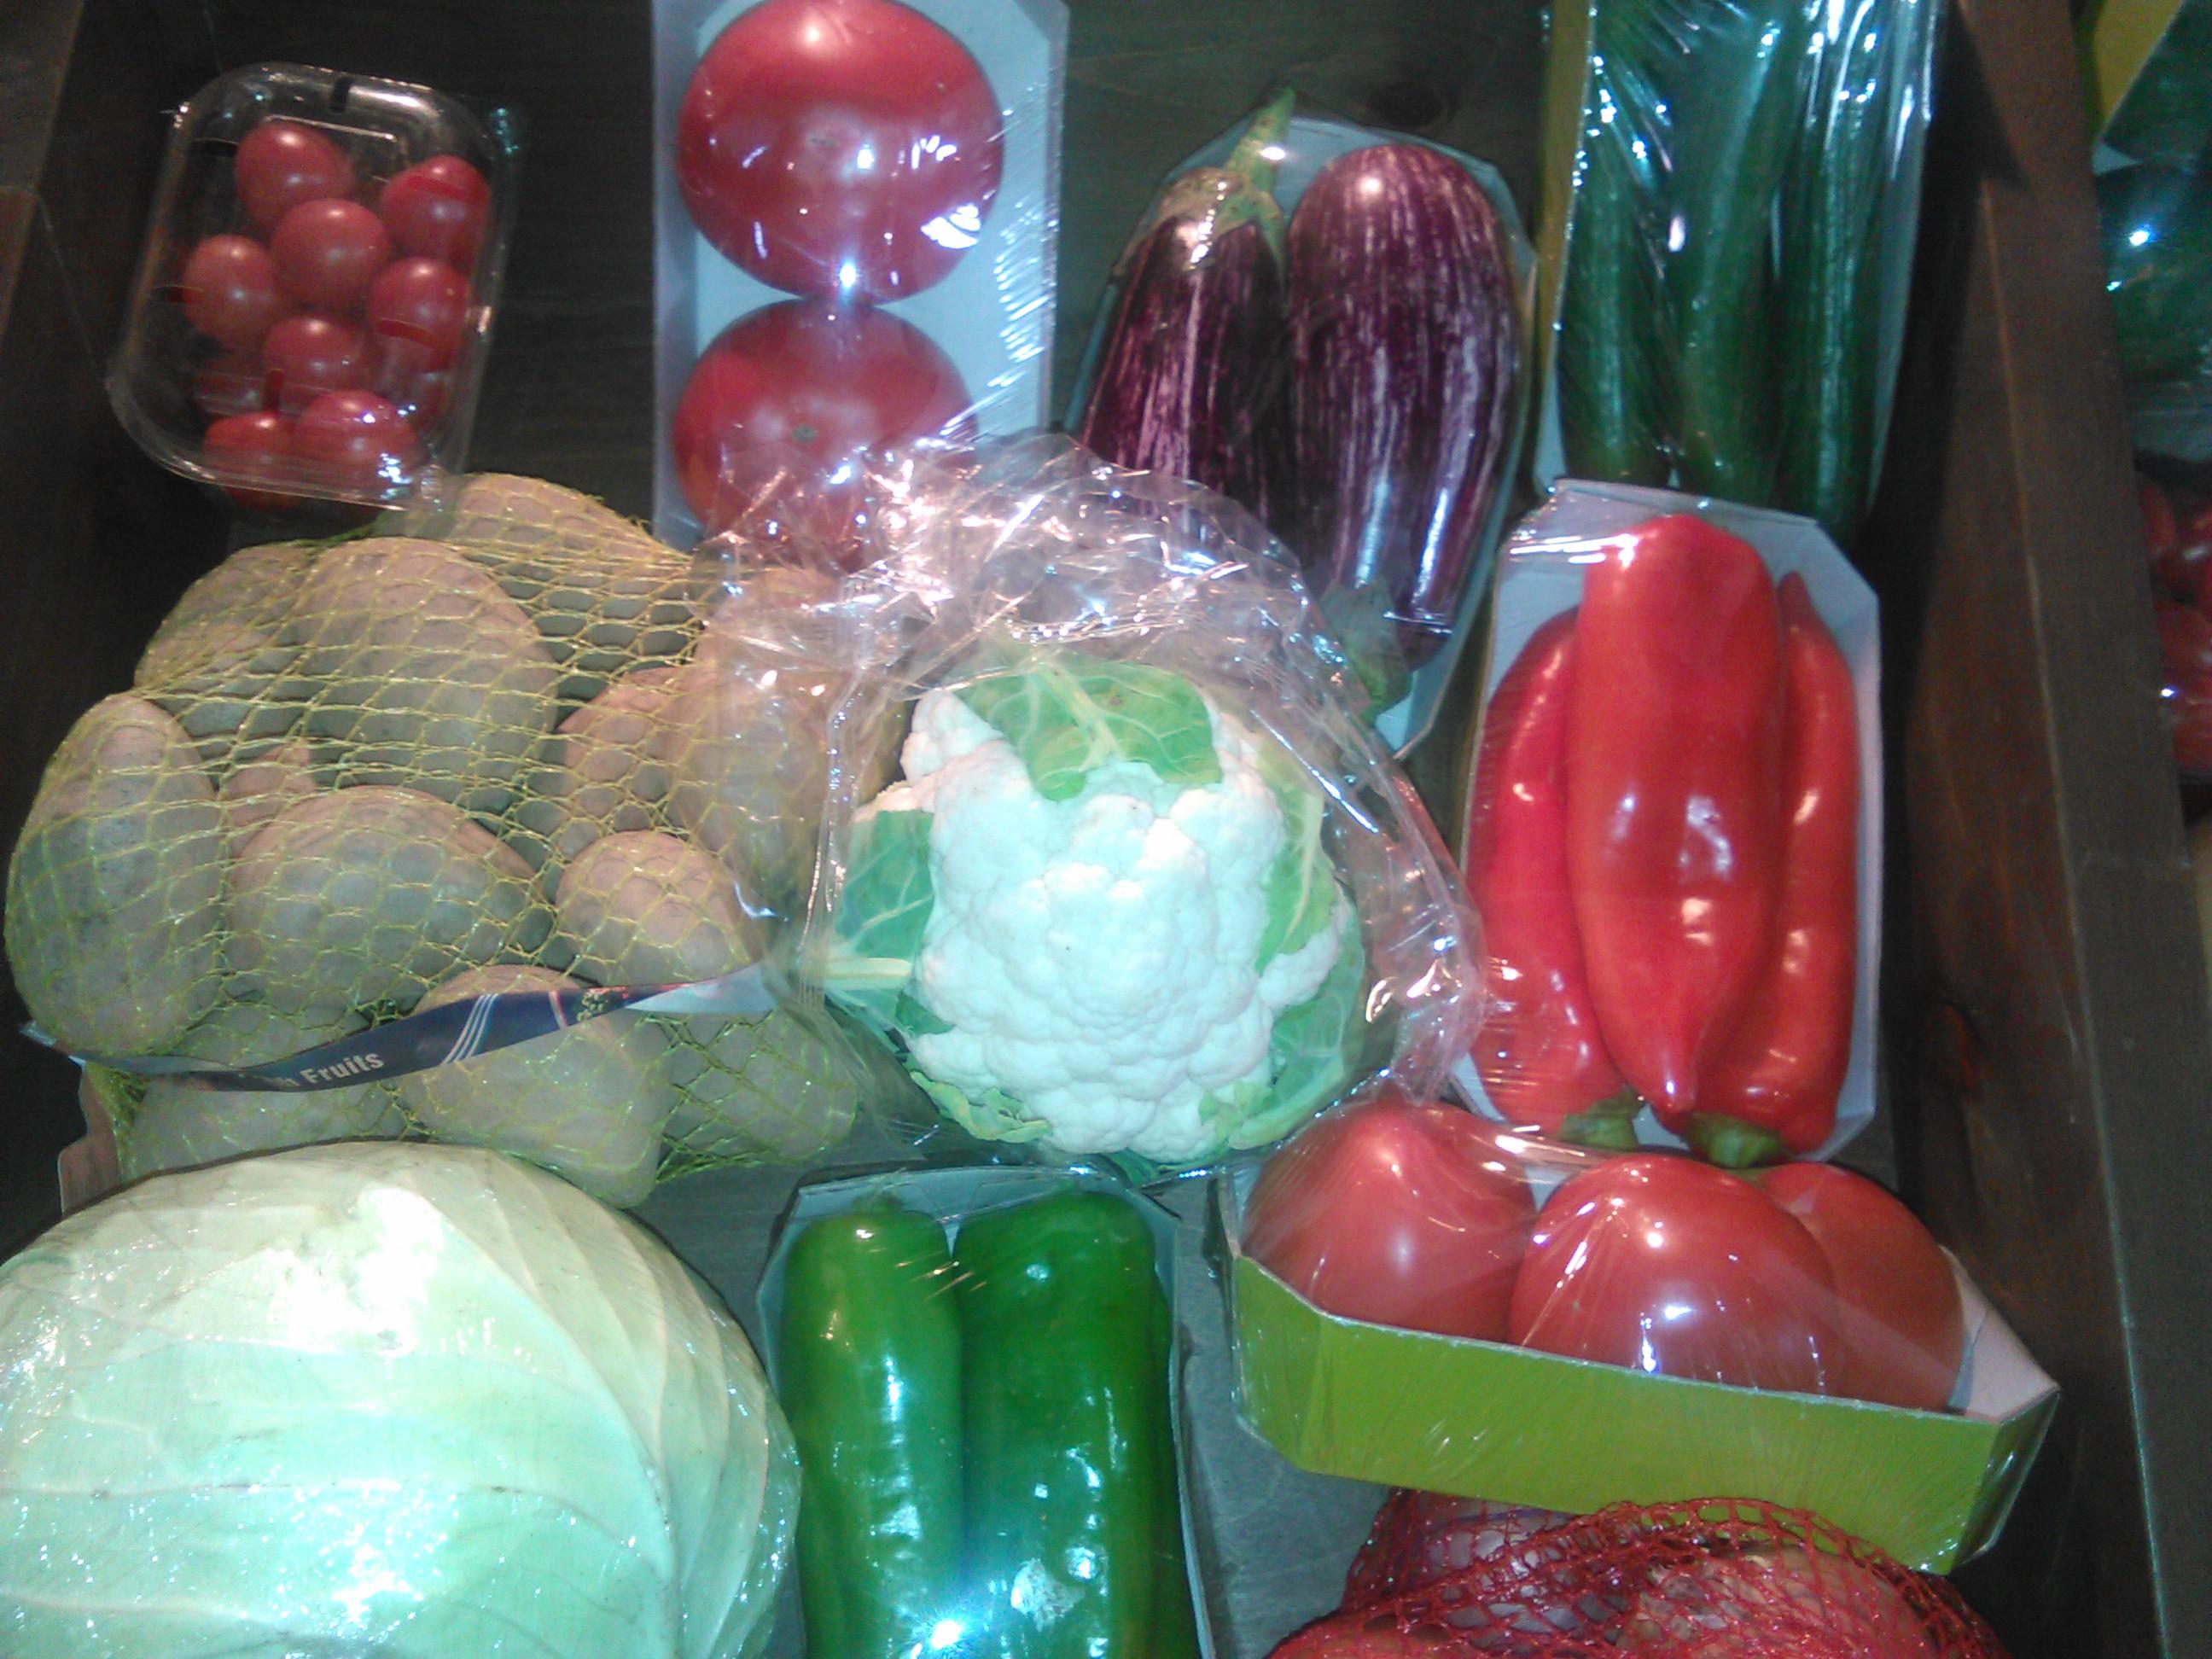 Romanii mananca 15 kg de legume pe luna, din care 2,5 kg sunt rosii